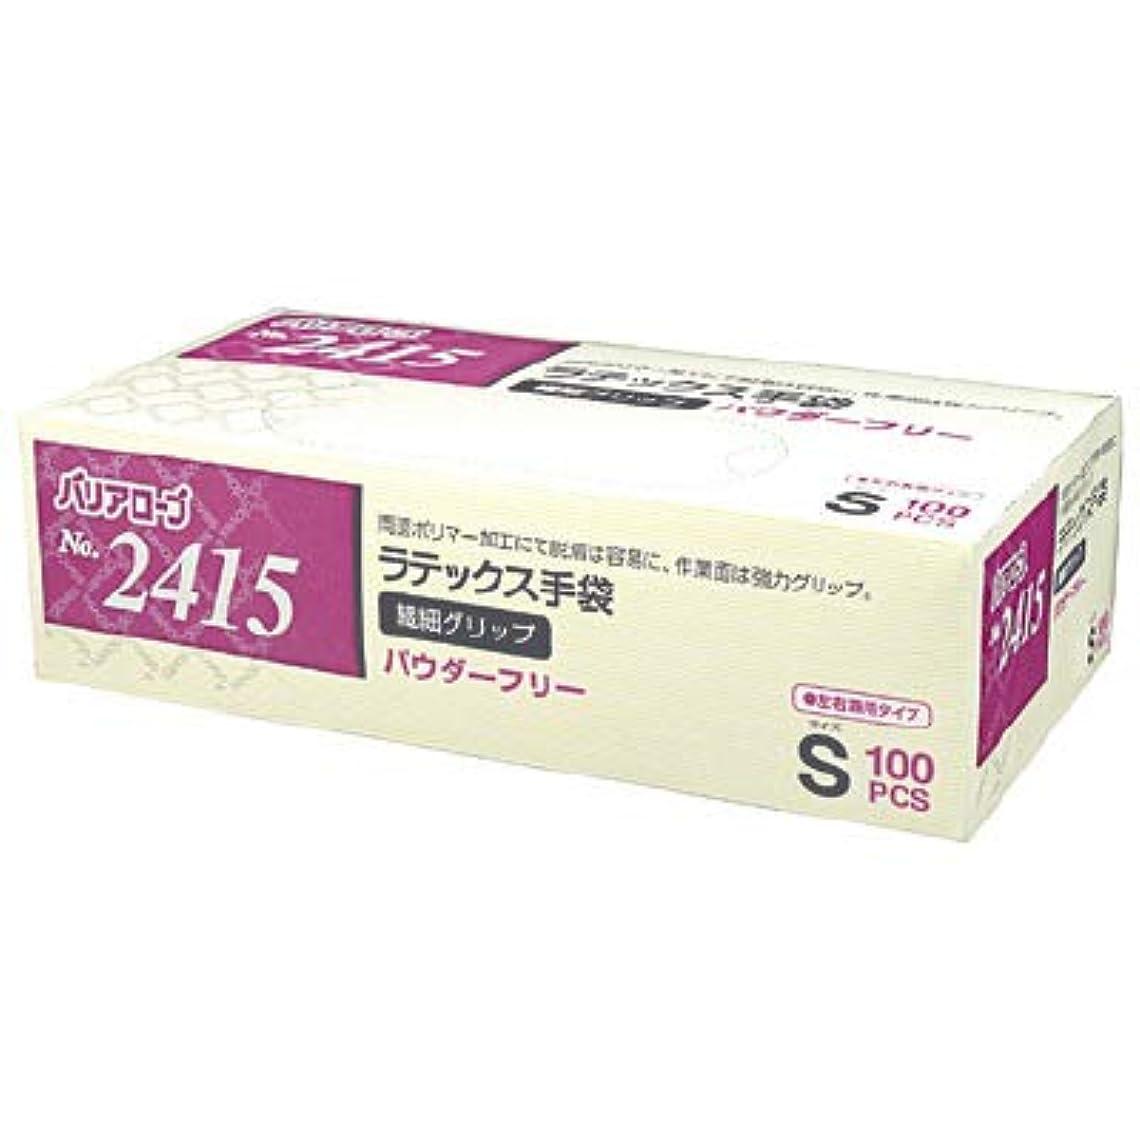 真似るスリッパ積極的に【ケース販売】 バリアローブ №2415 ラテックス手袋 繊細グリップ (パウダーフリー) S 2000枚(100枚×20箱)